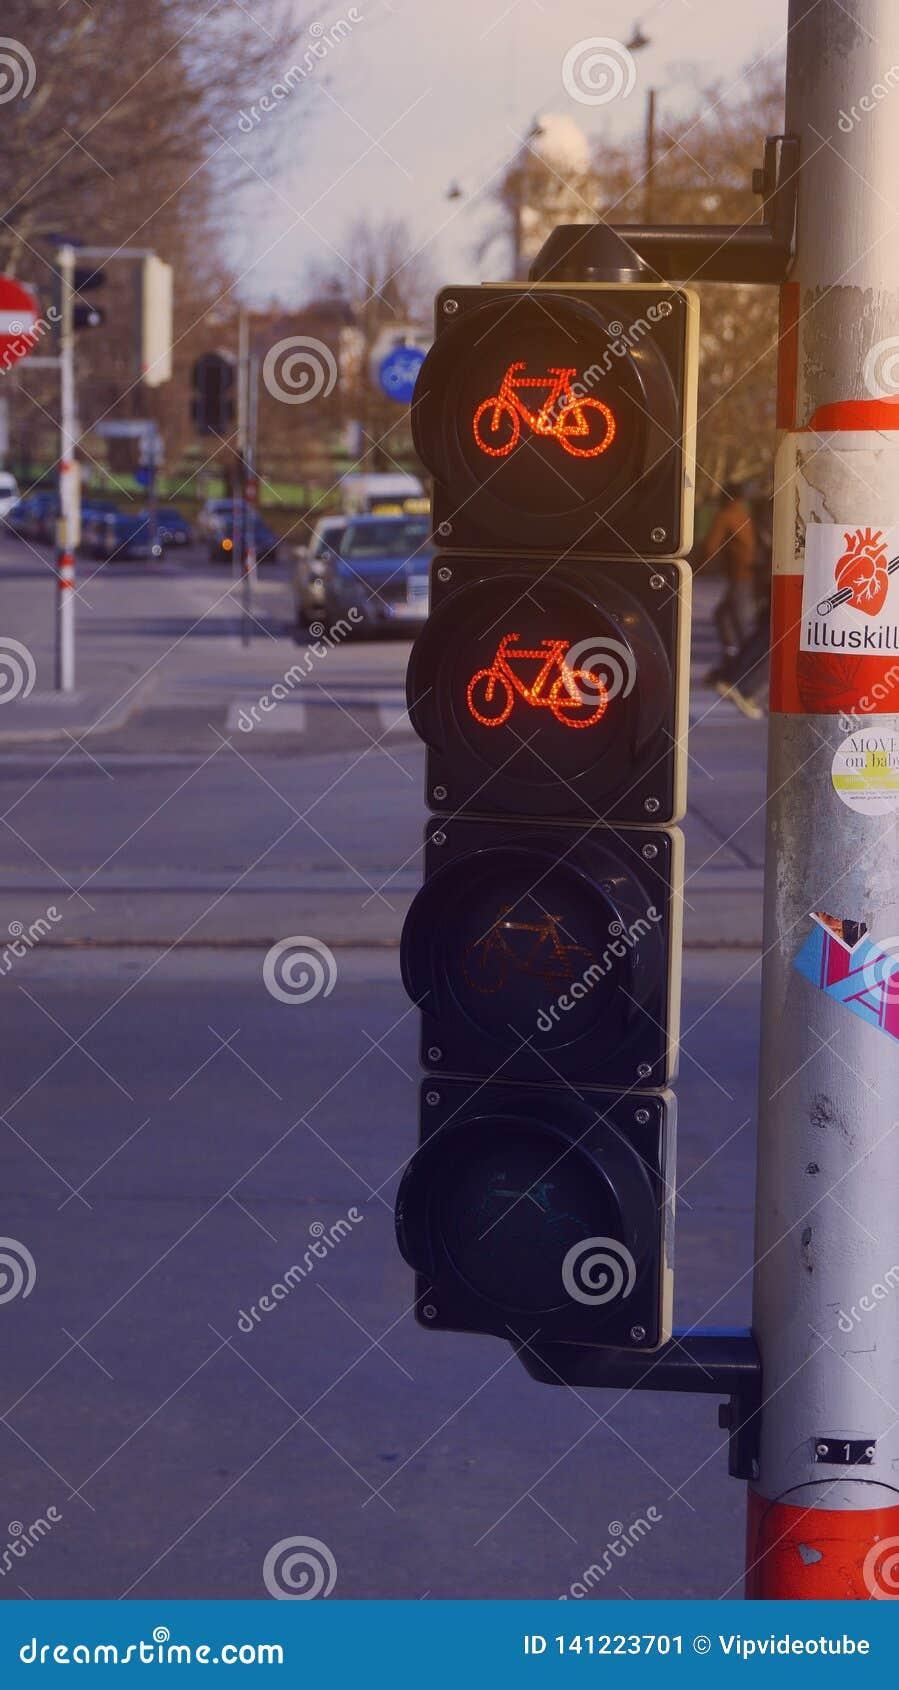 Feu de signalisation pour des cyclistes